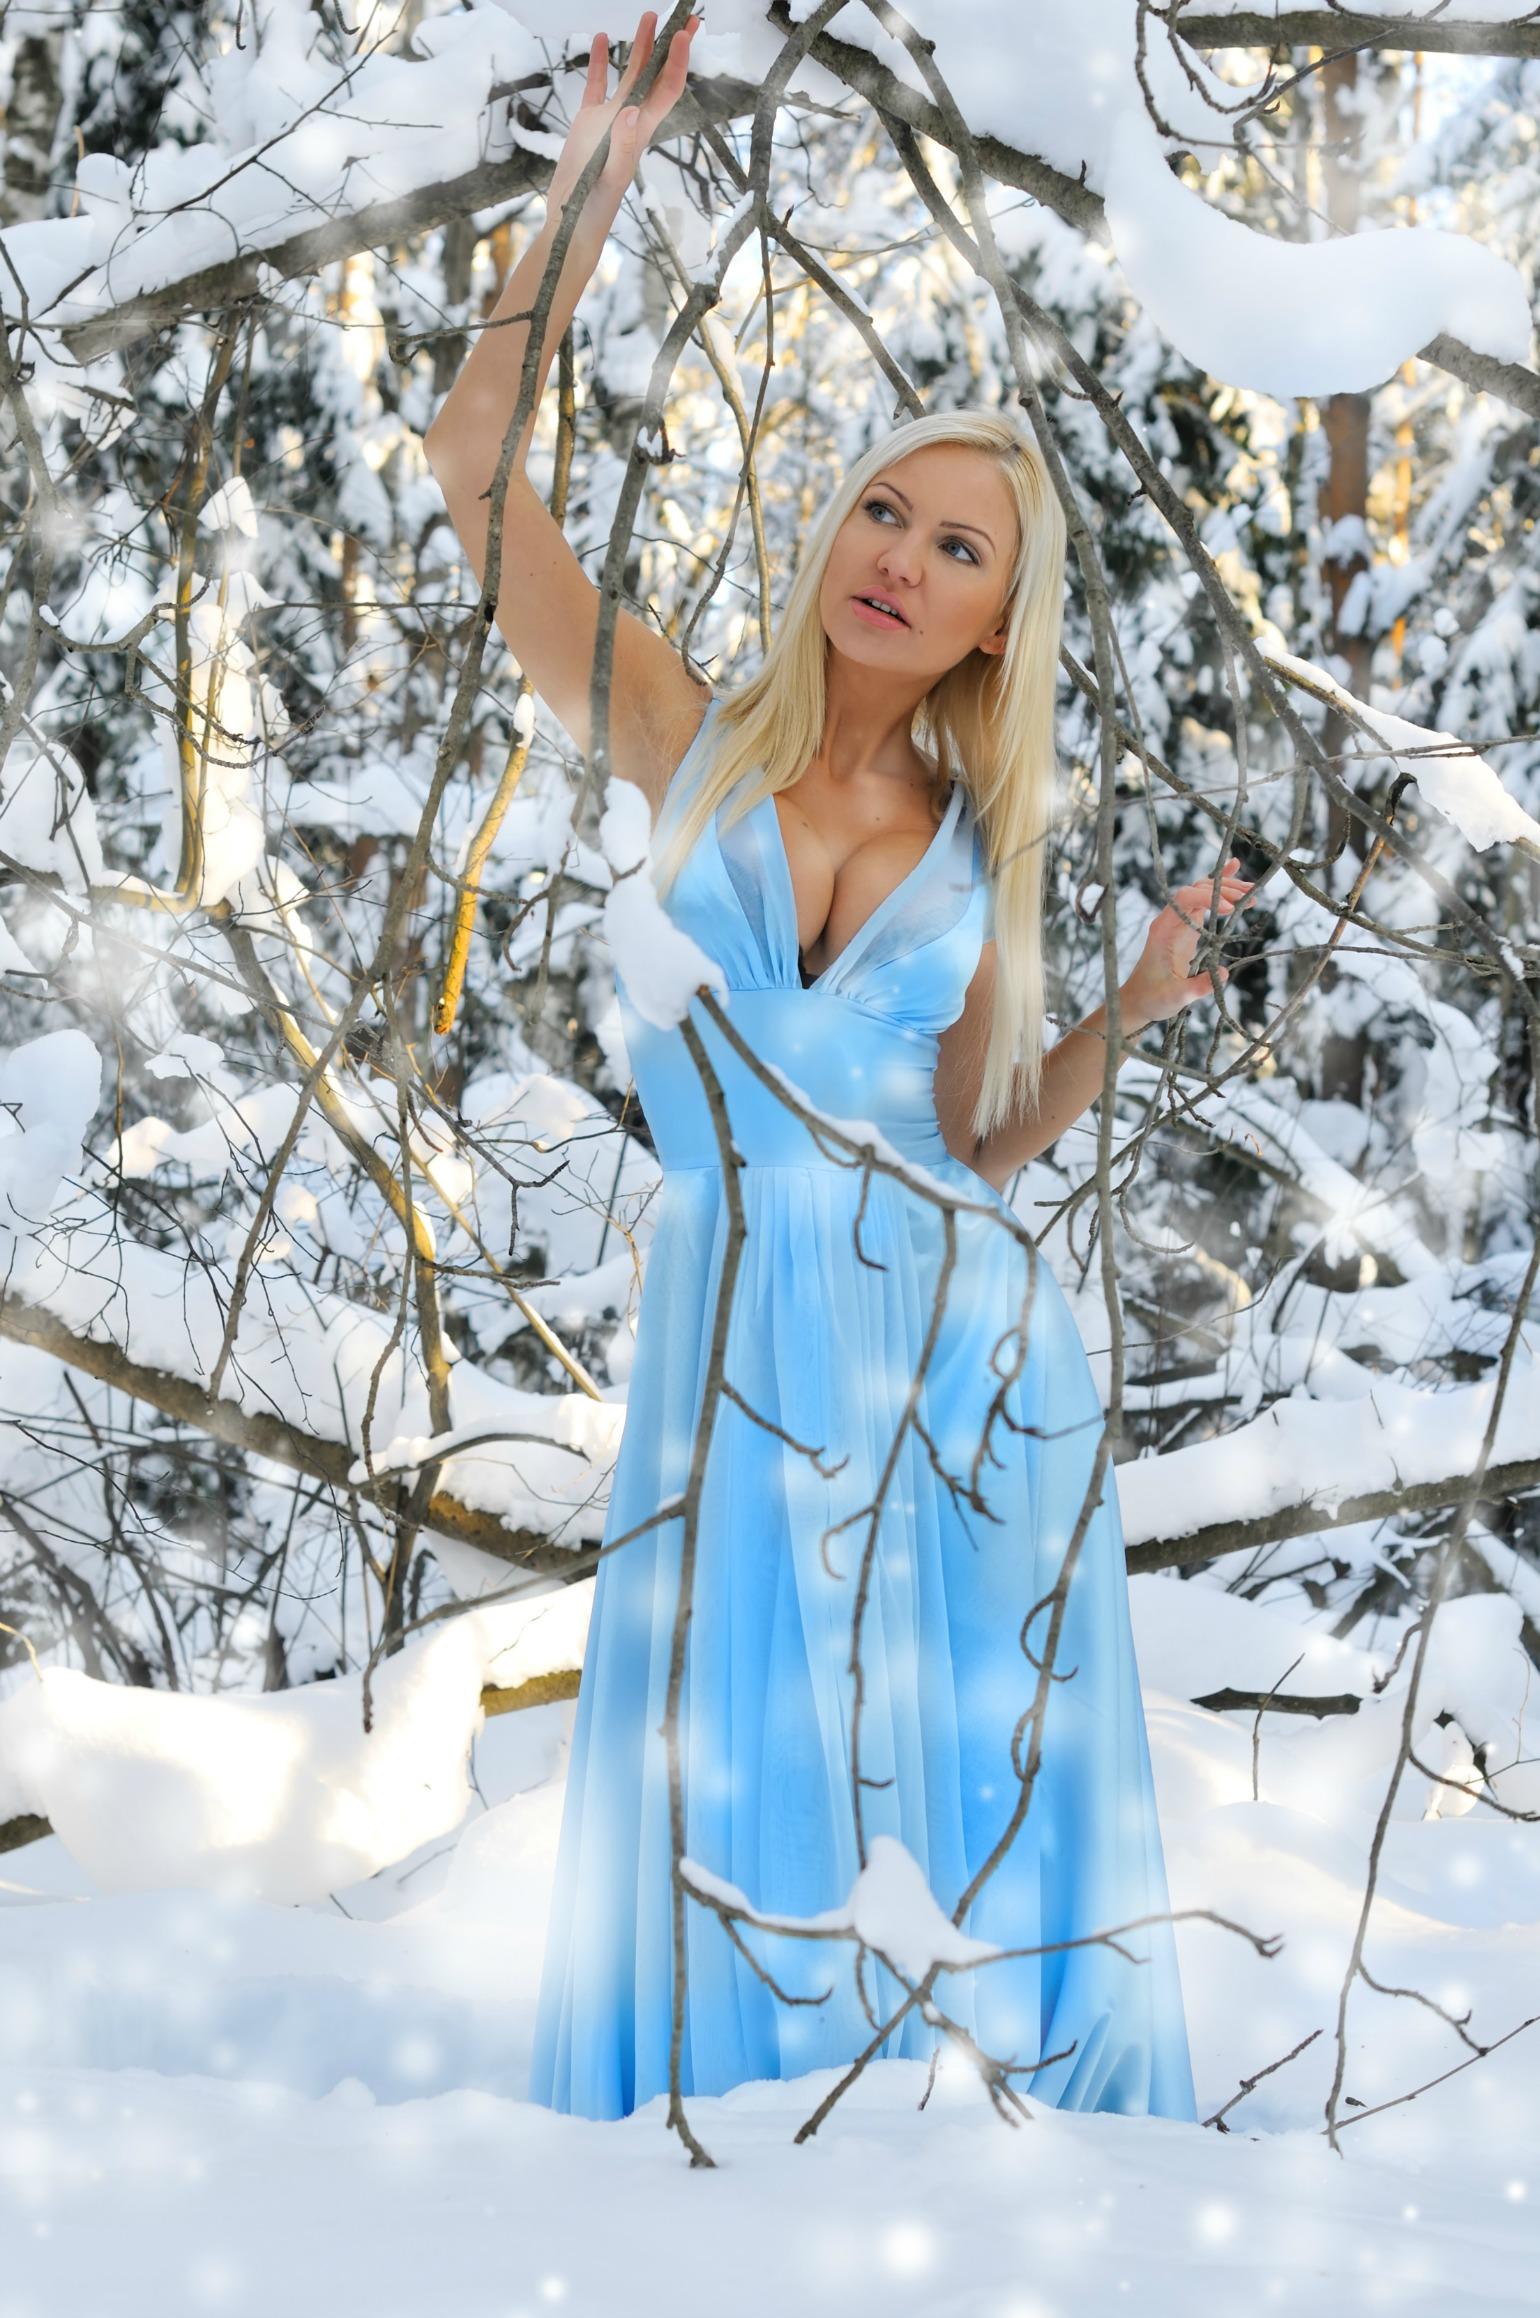 lyseblå kjole, sommerkjole, kort kjole, vinter, sne, photoshoot, model, kikset, koldt, frozenªç